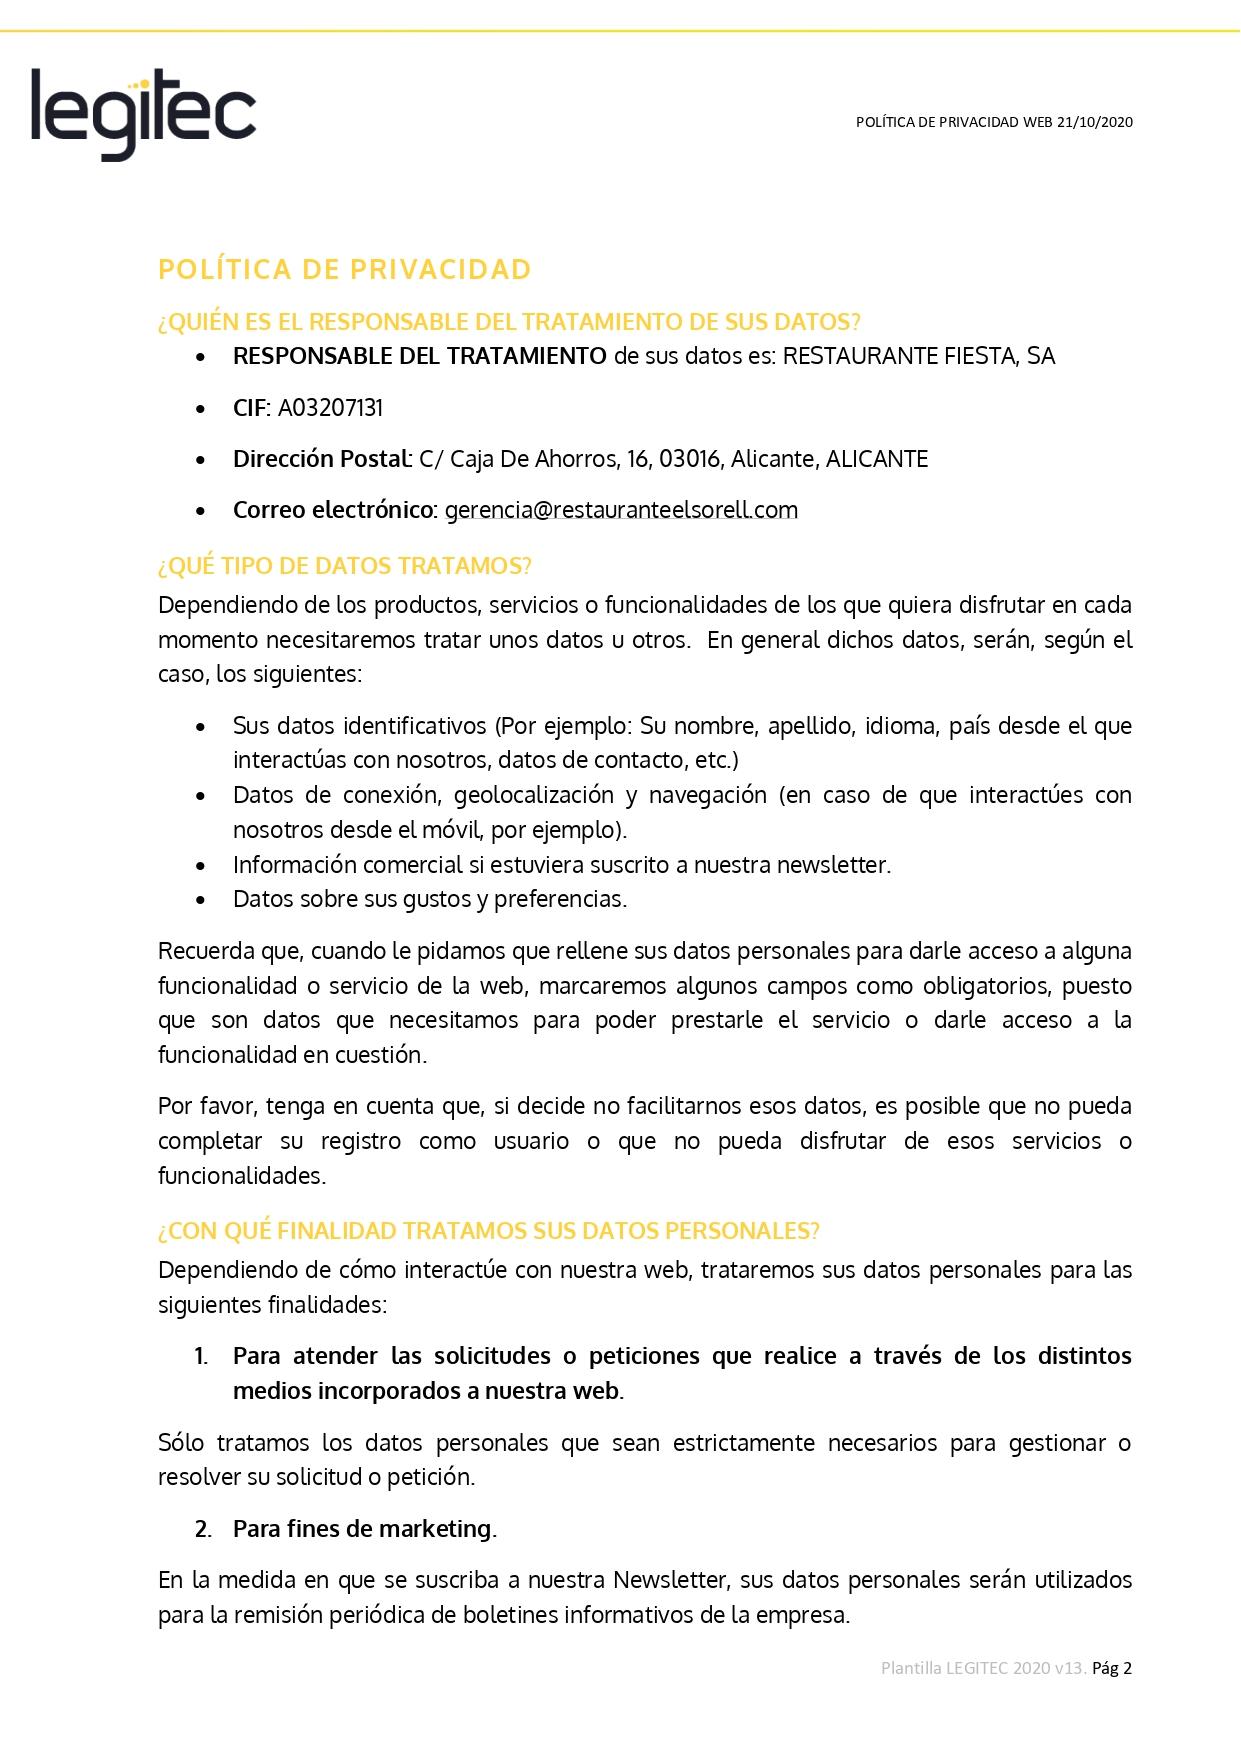 WEB-POLÍTICA-DE-PRIVACIDAD-_page-0002